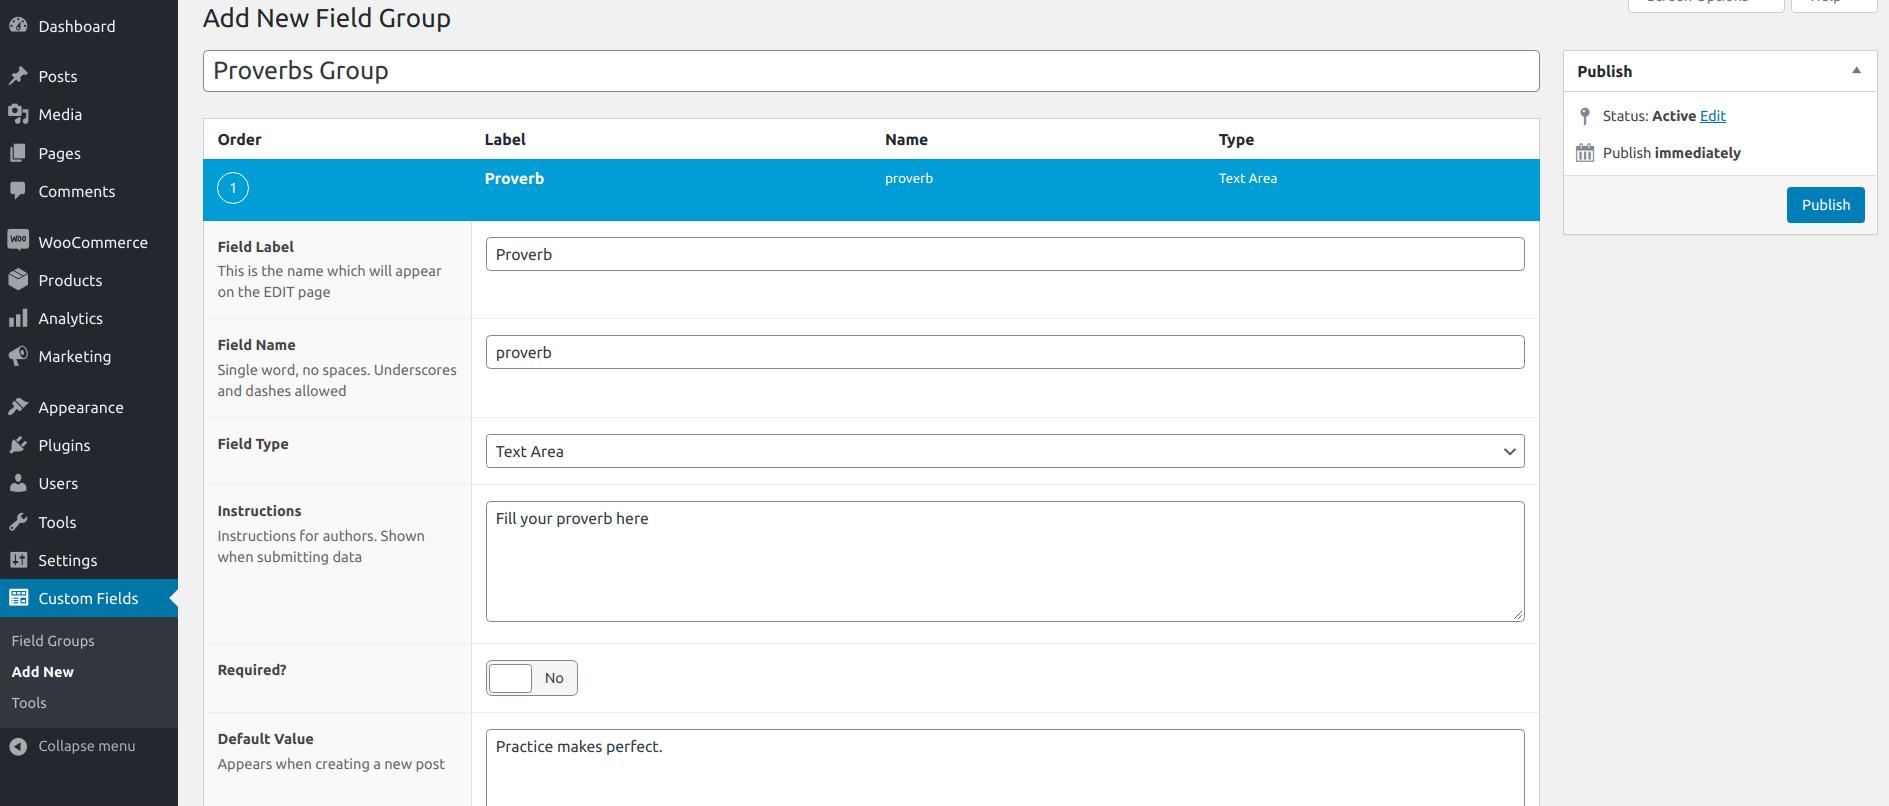 ACF Settings screen to create a custom field